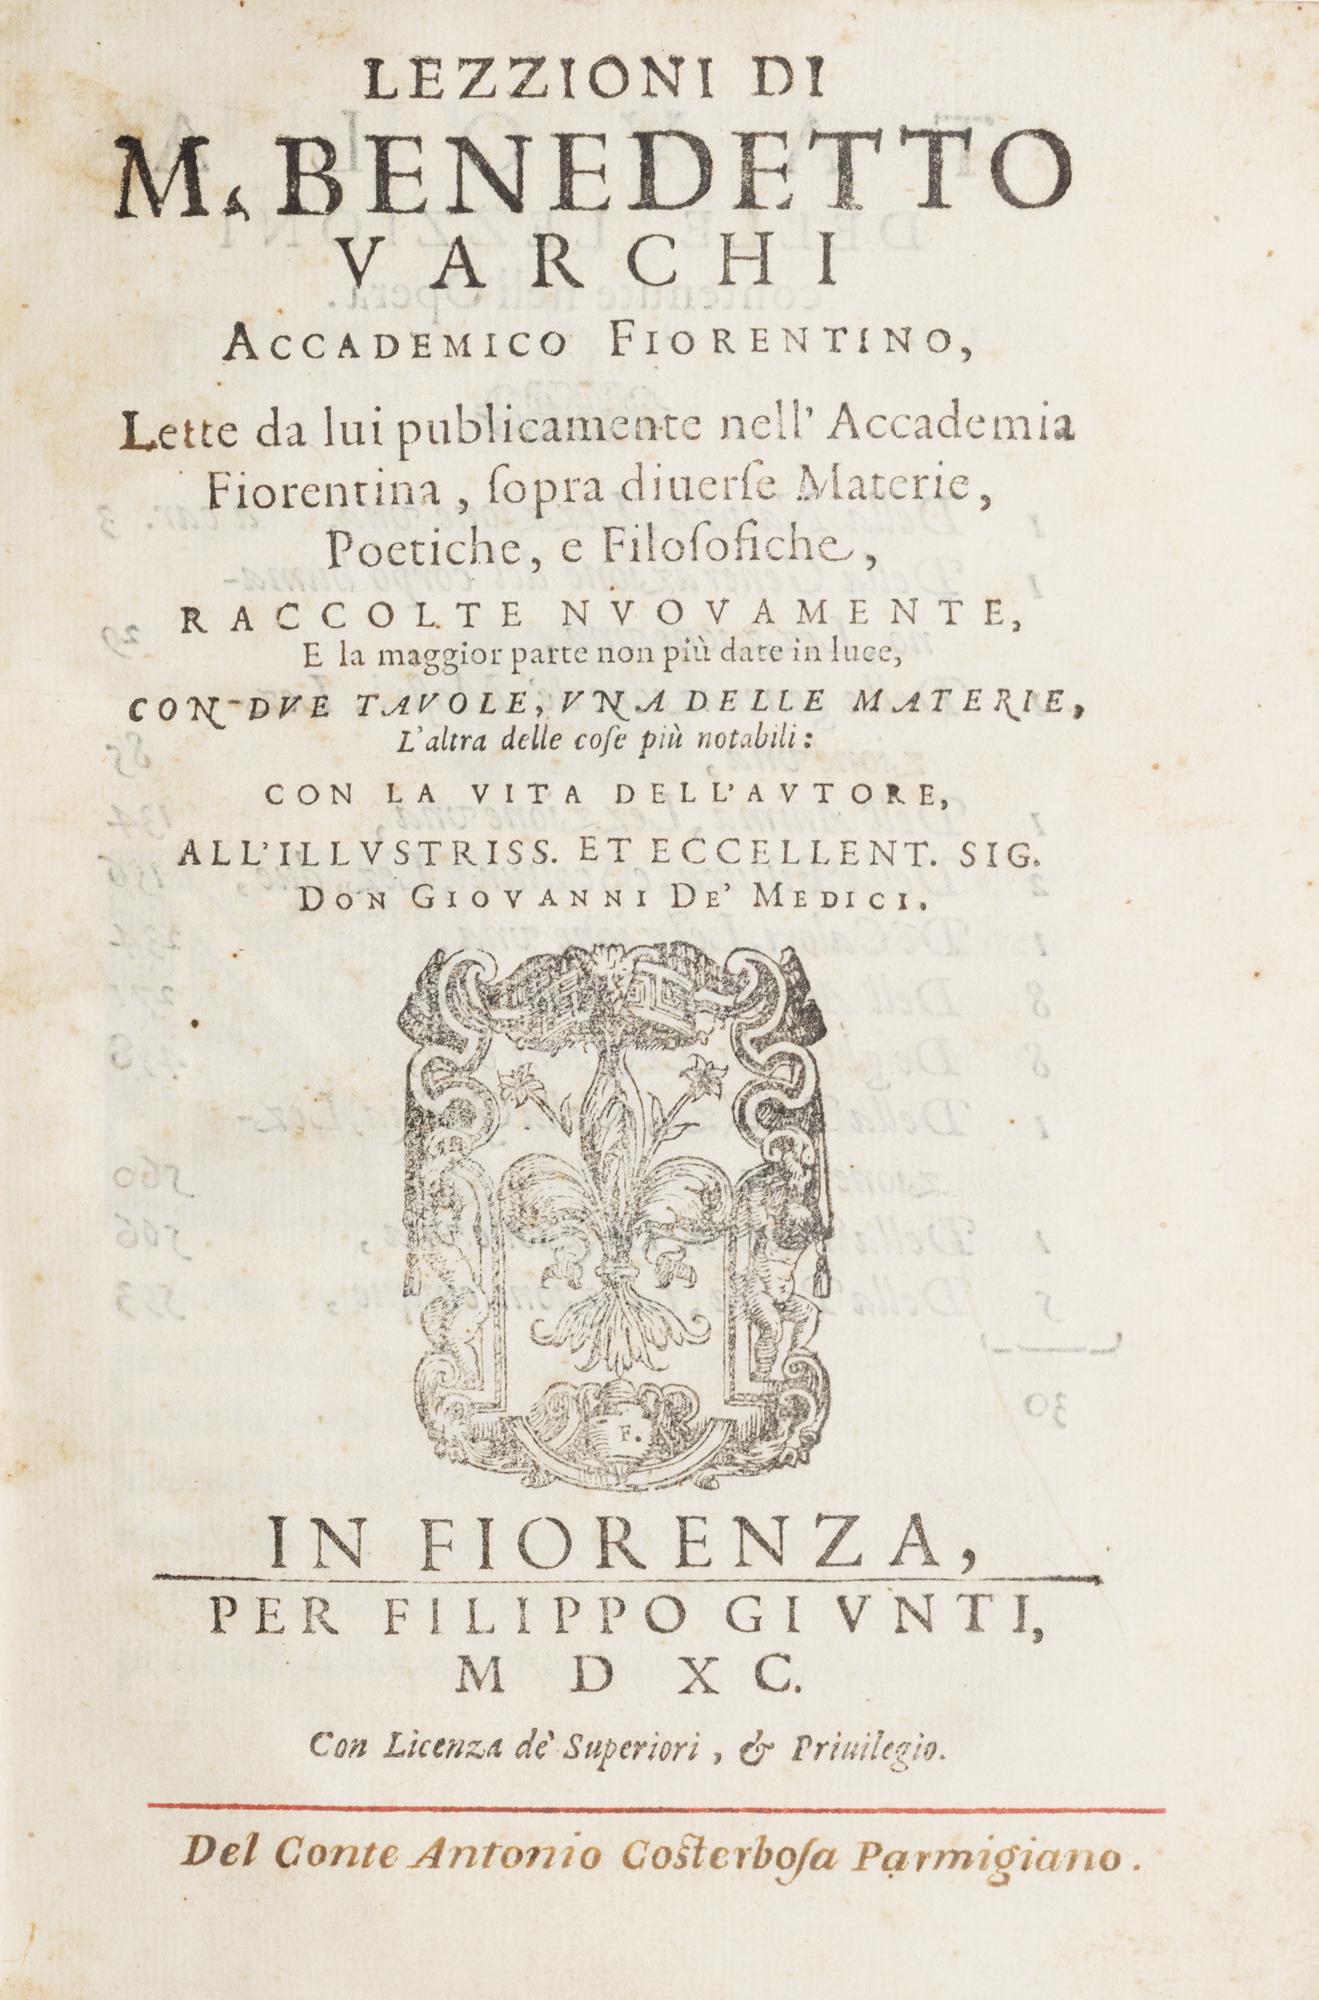 Lezzioni di M. Benedetto Varchi accademico fiorentino, lette da lui publicamente nell'Accademia Fiorentina